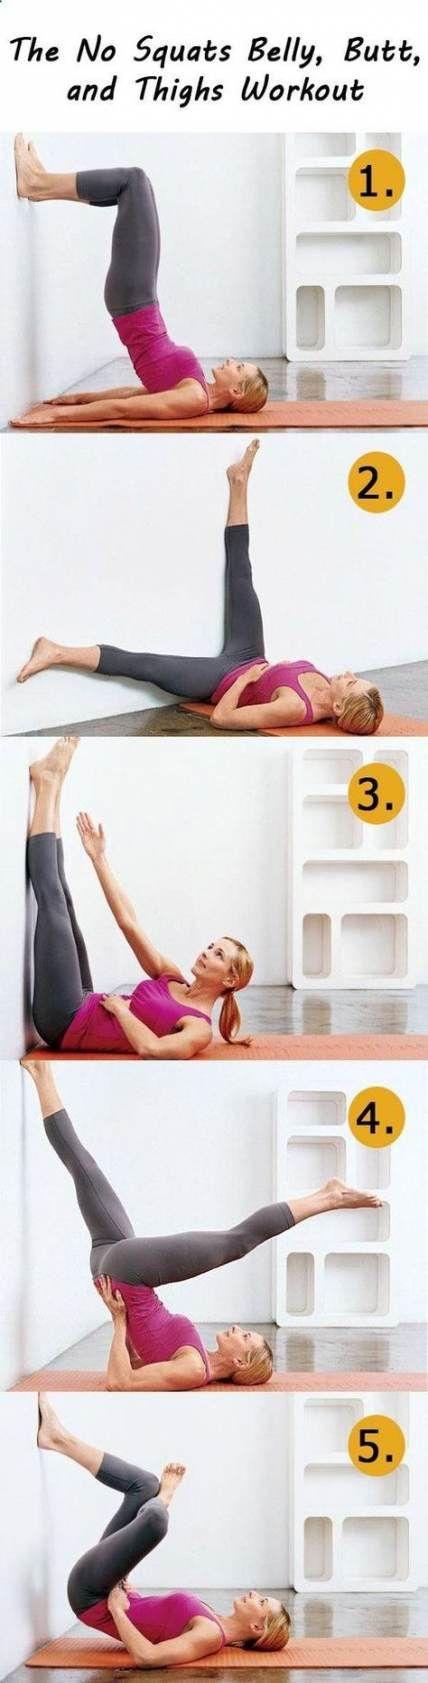 Fitness exercises program 43+ Ideas for 2019 #fitness #exercises